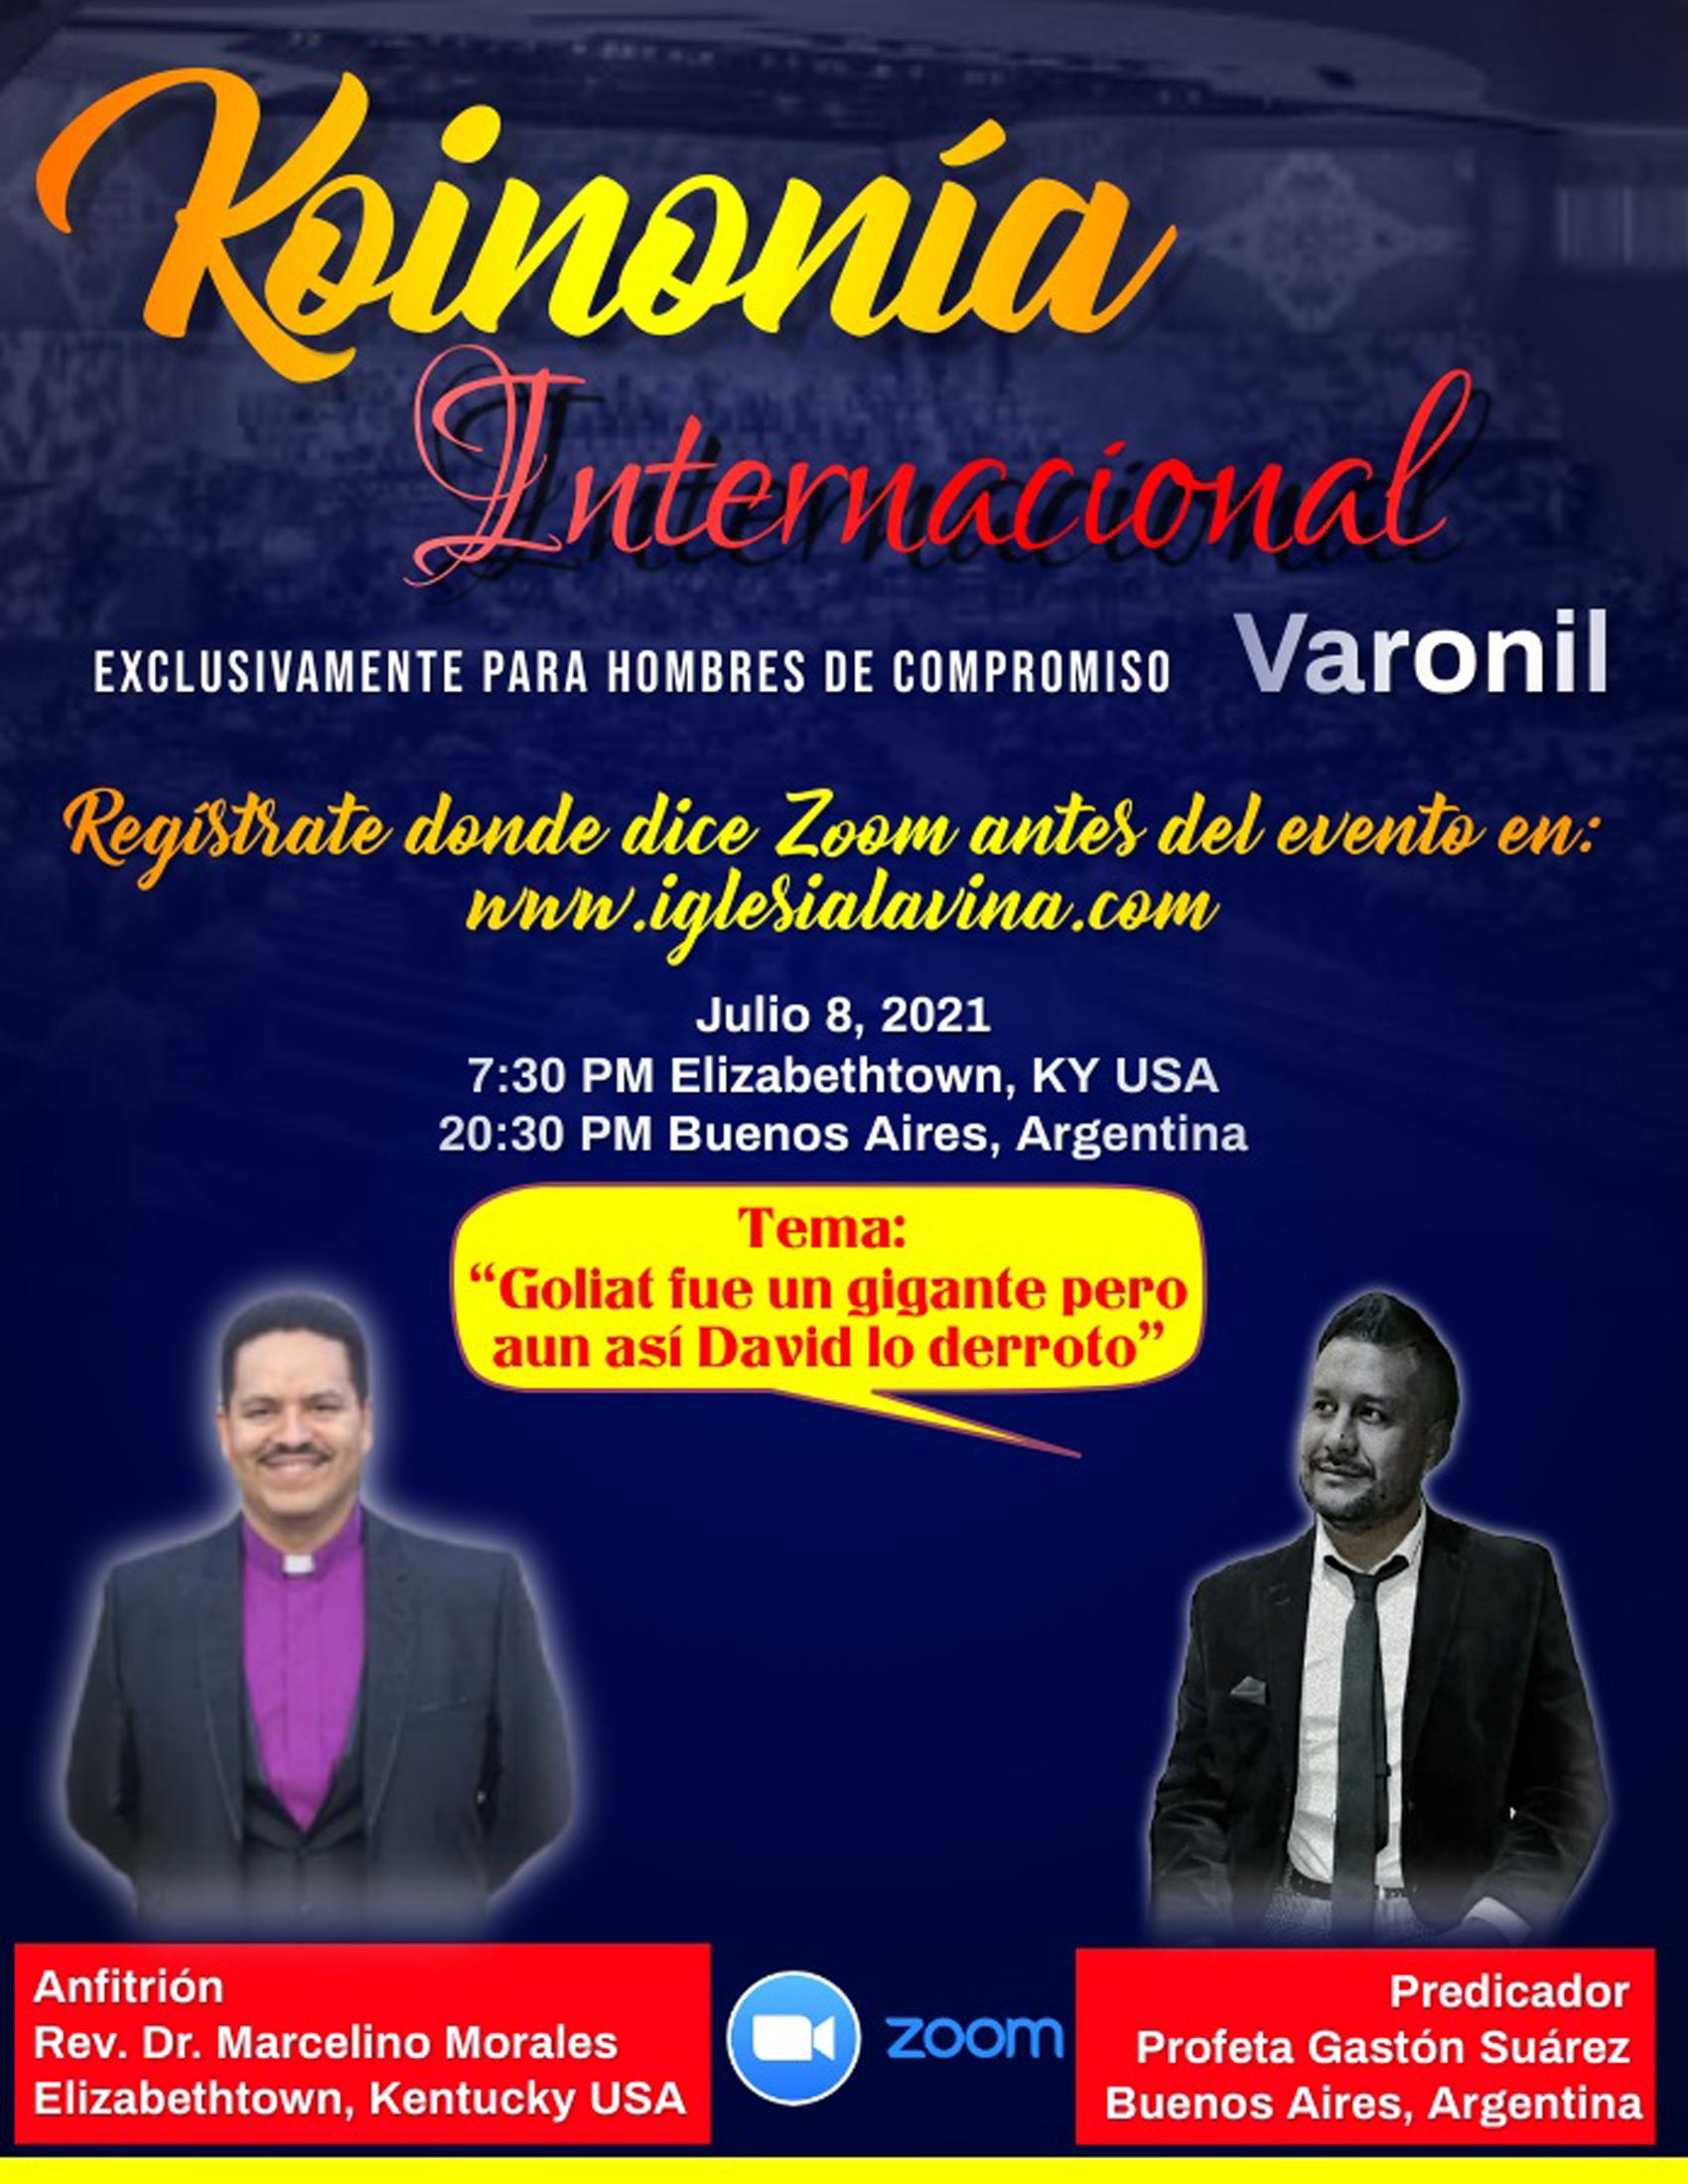 Koinonía 7-8-2021 - Profeta Gastón Suáre